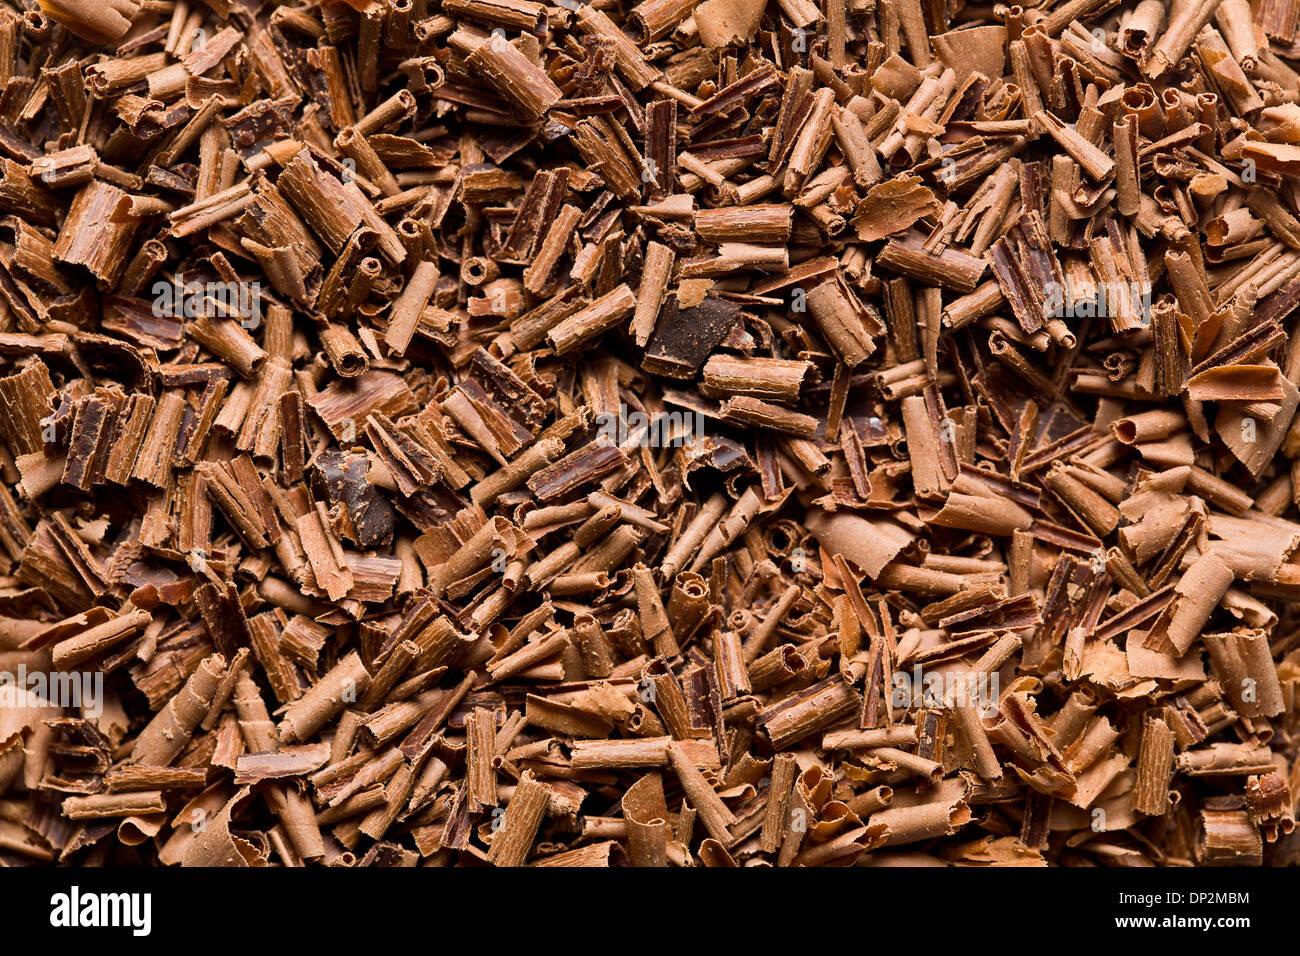 Textura de virutas de chocolate de leche Imagen De Stock